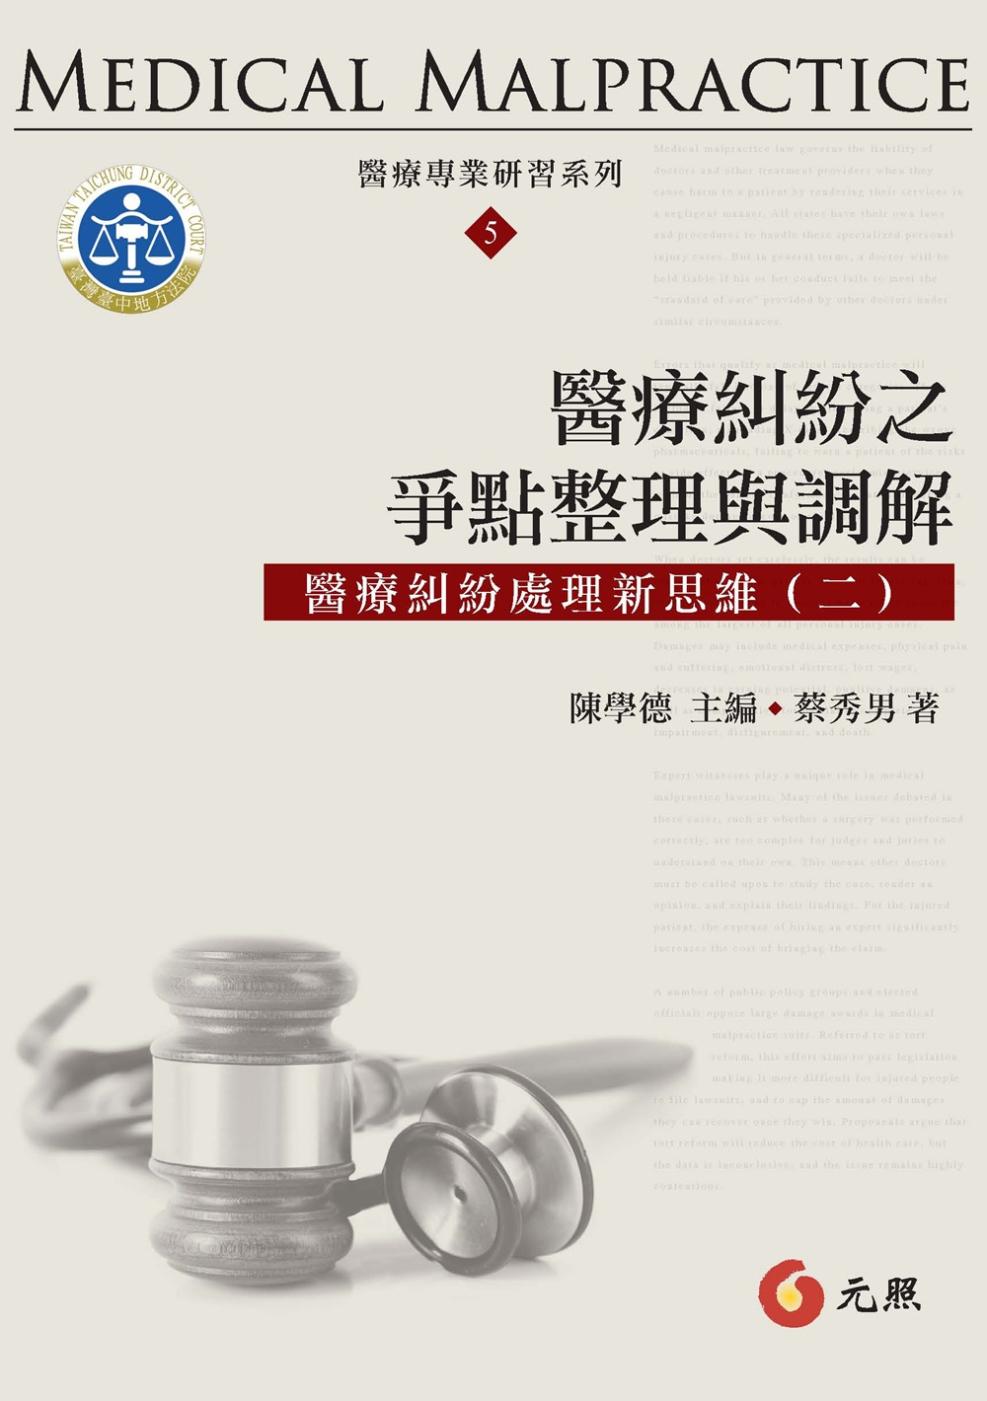 醫療糾紛之爭點整理與調解:醫療糾紛處理新思維(二)